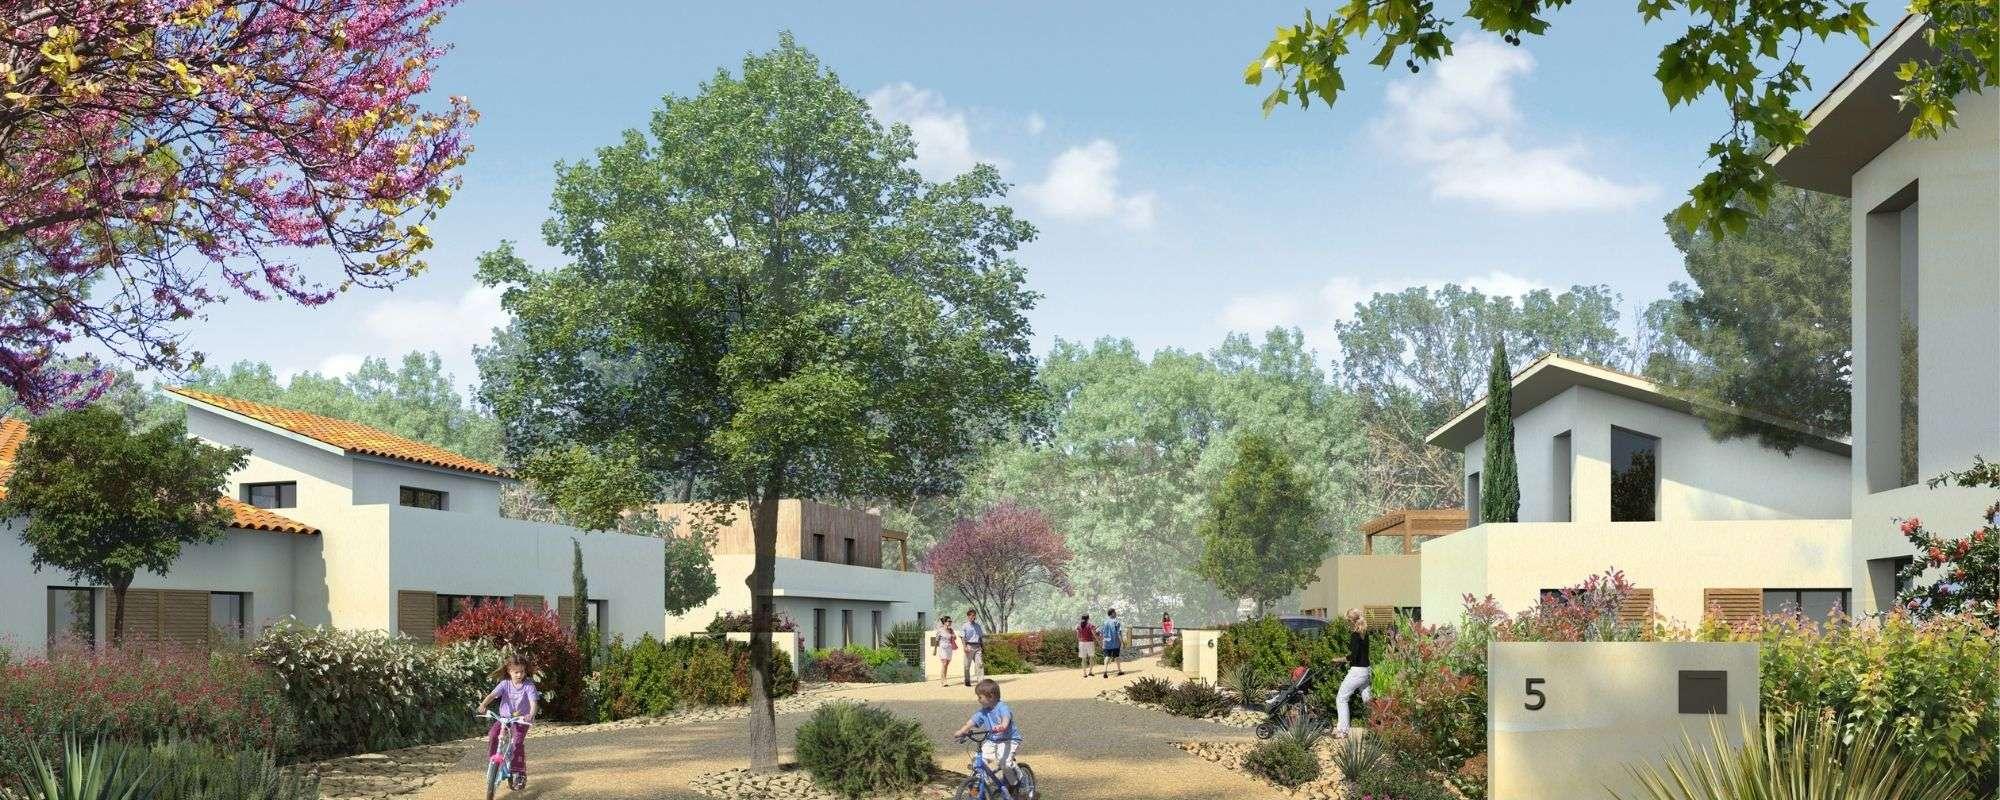 Terrain-à-bâtir-GGL-Narbonne-les-pléiades (1)